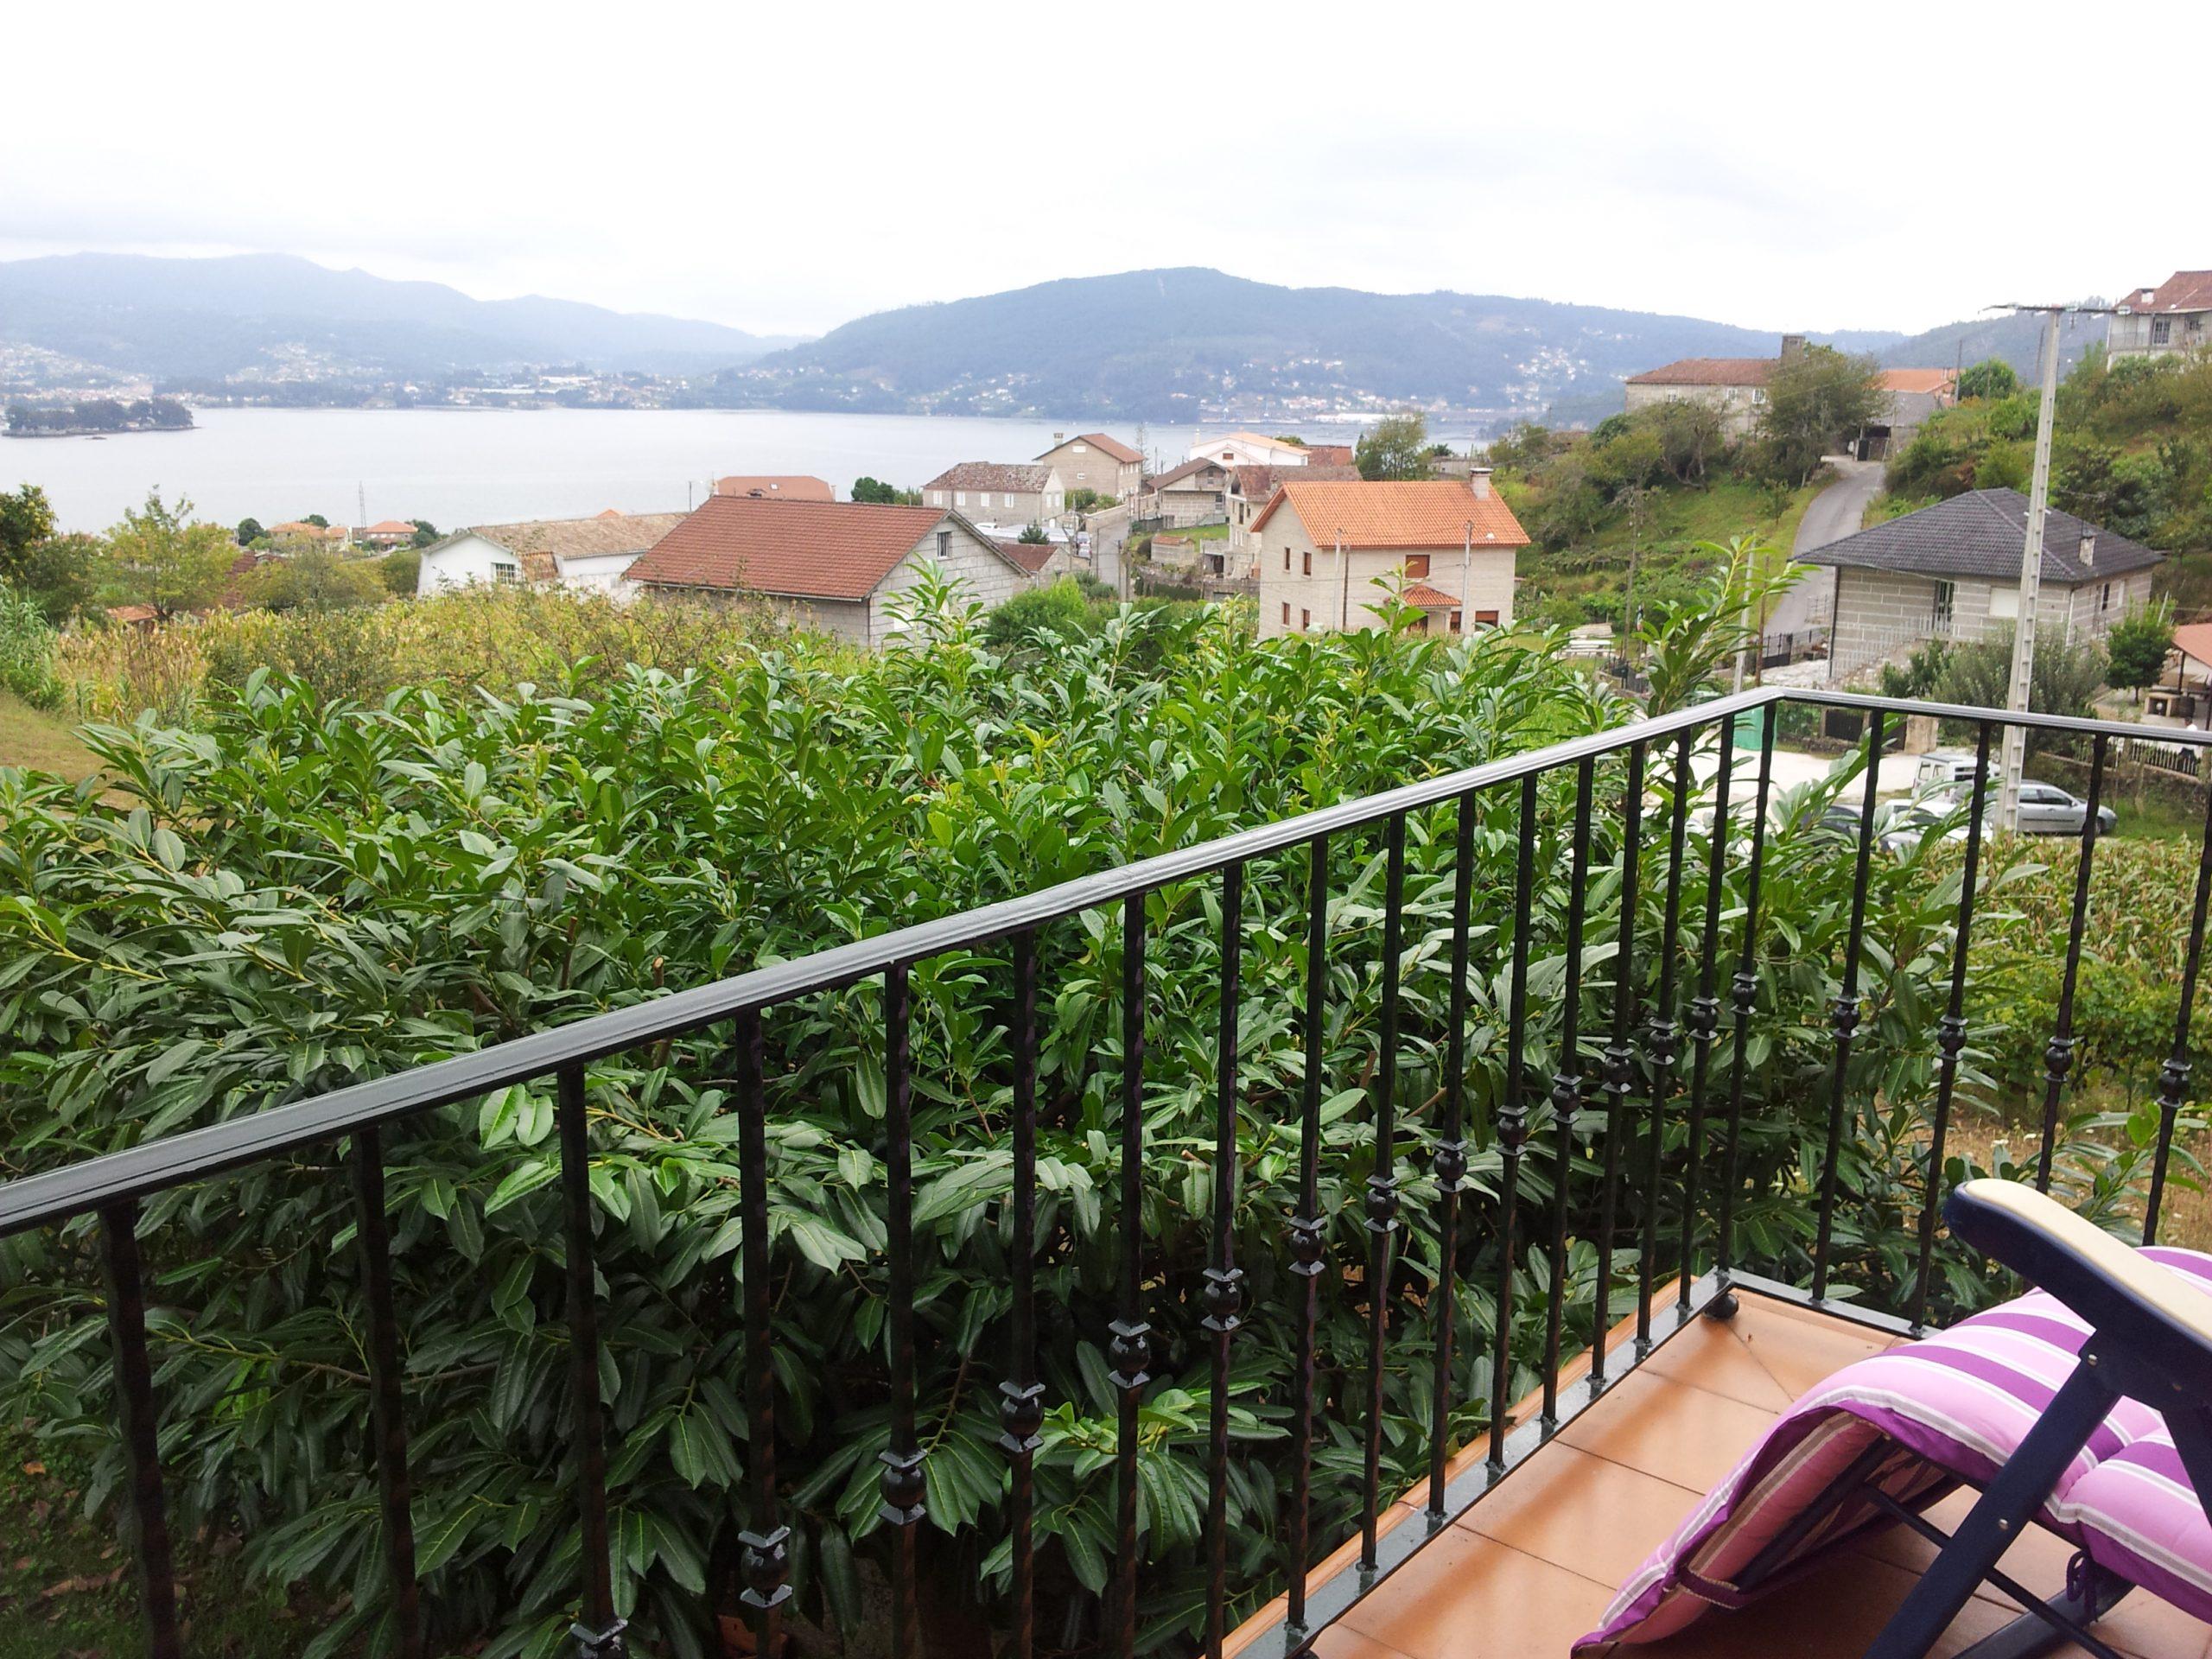 Vista Ría de Vigo e Isla de San Simón desde el balcón